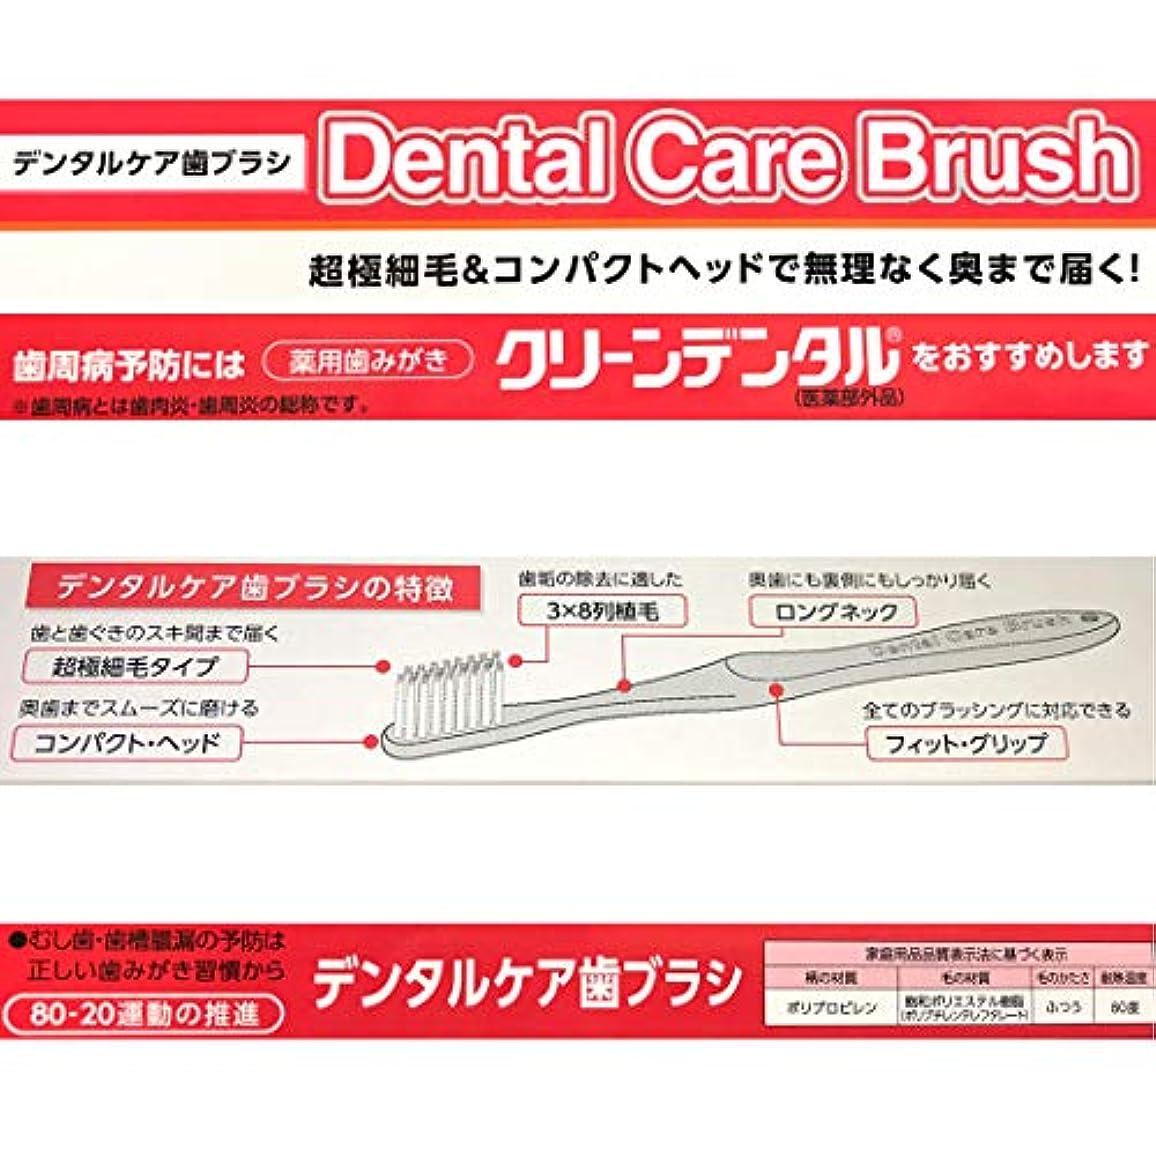 【数量限定】超極細毛&コンパクトヘッド デンタルケア歯ブラシ (3本)